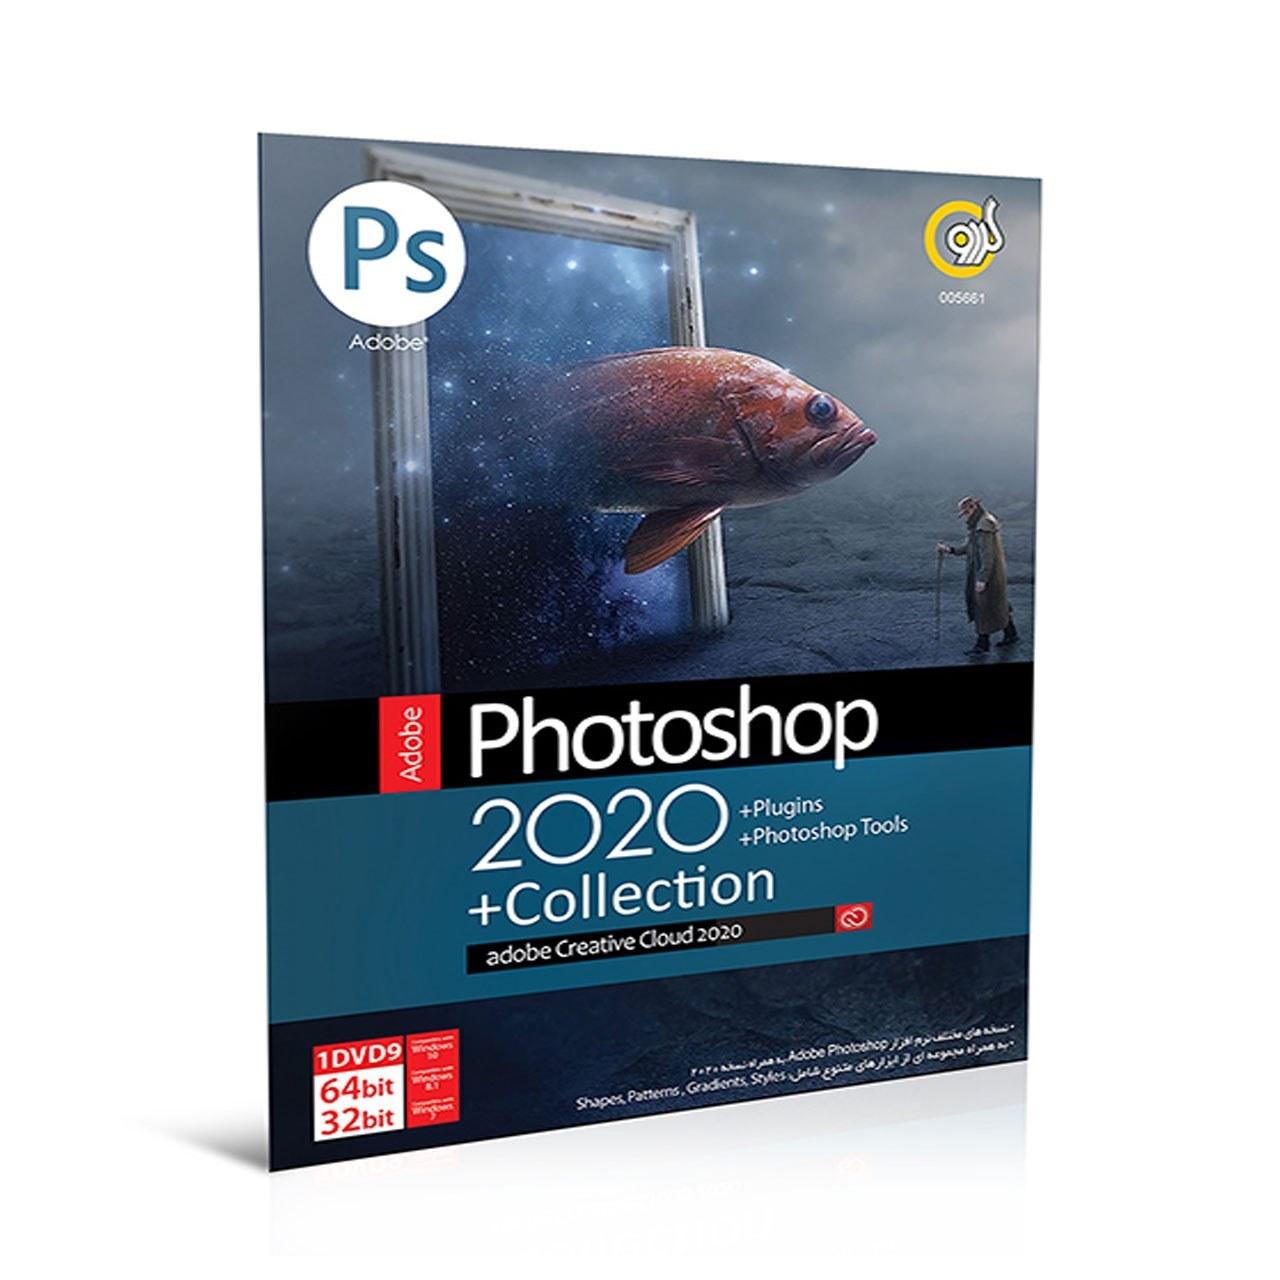 نرم افزار Adobe Photoshop 2020 + Collection شرکت گردو